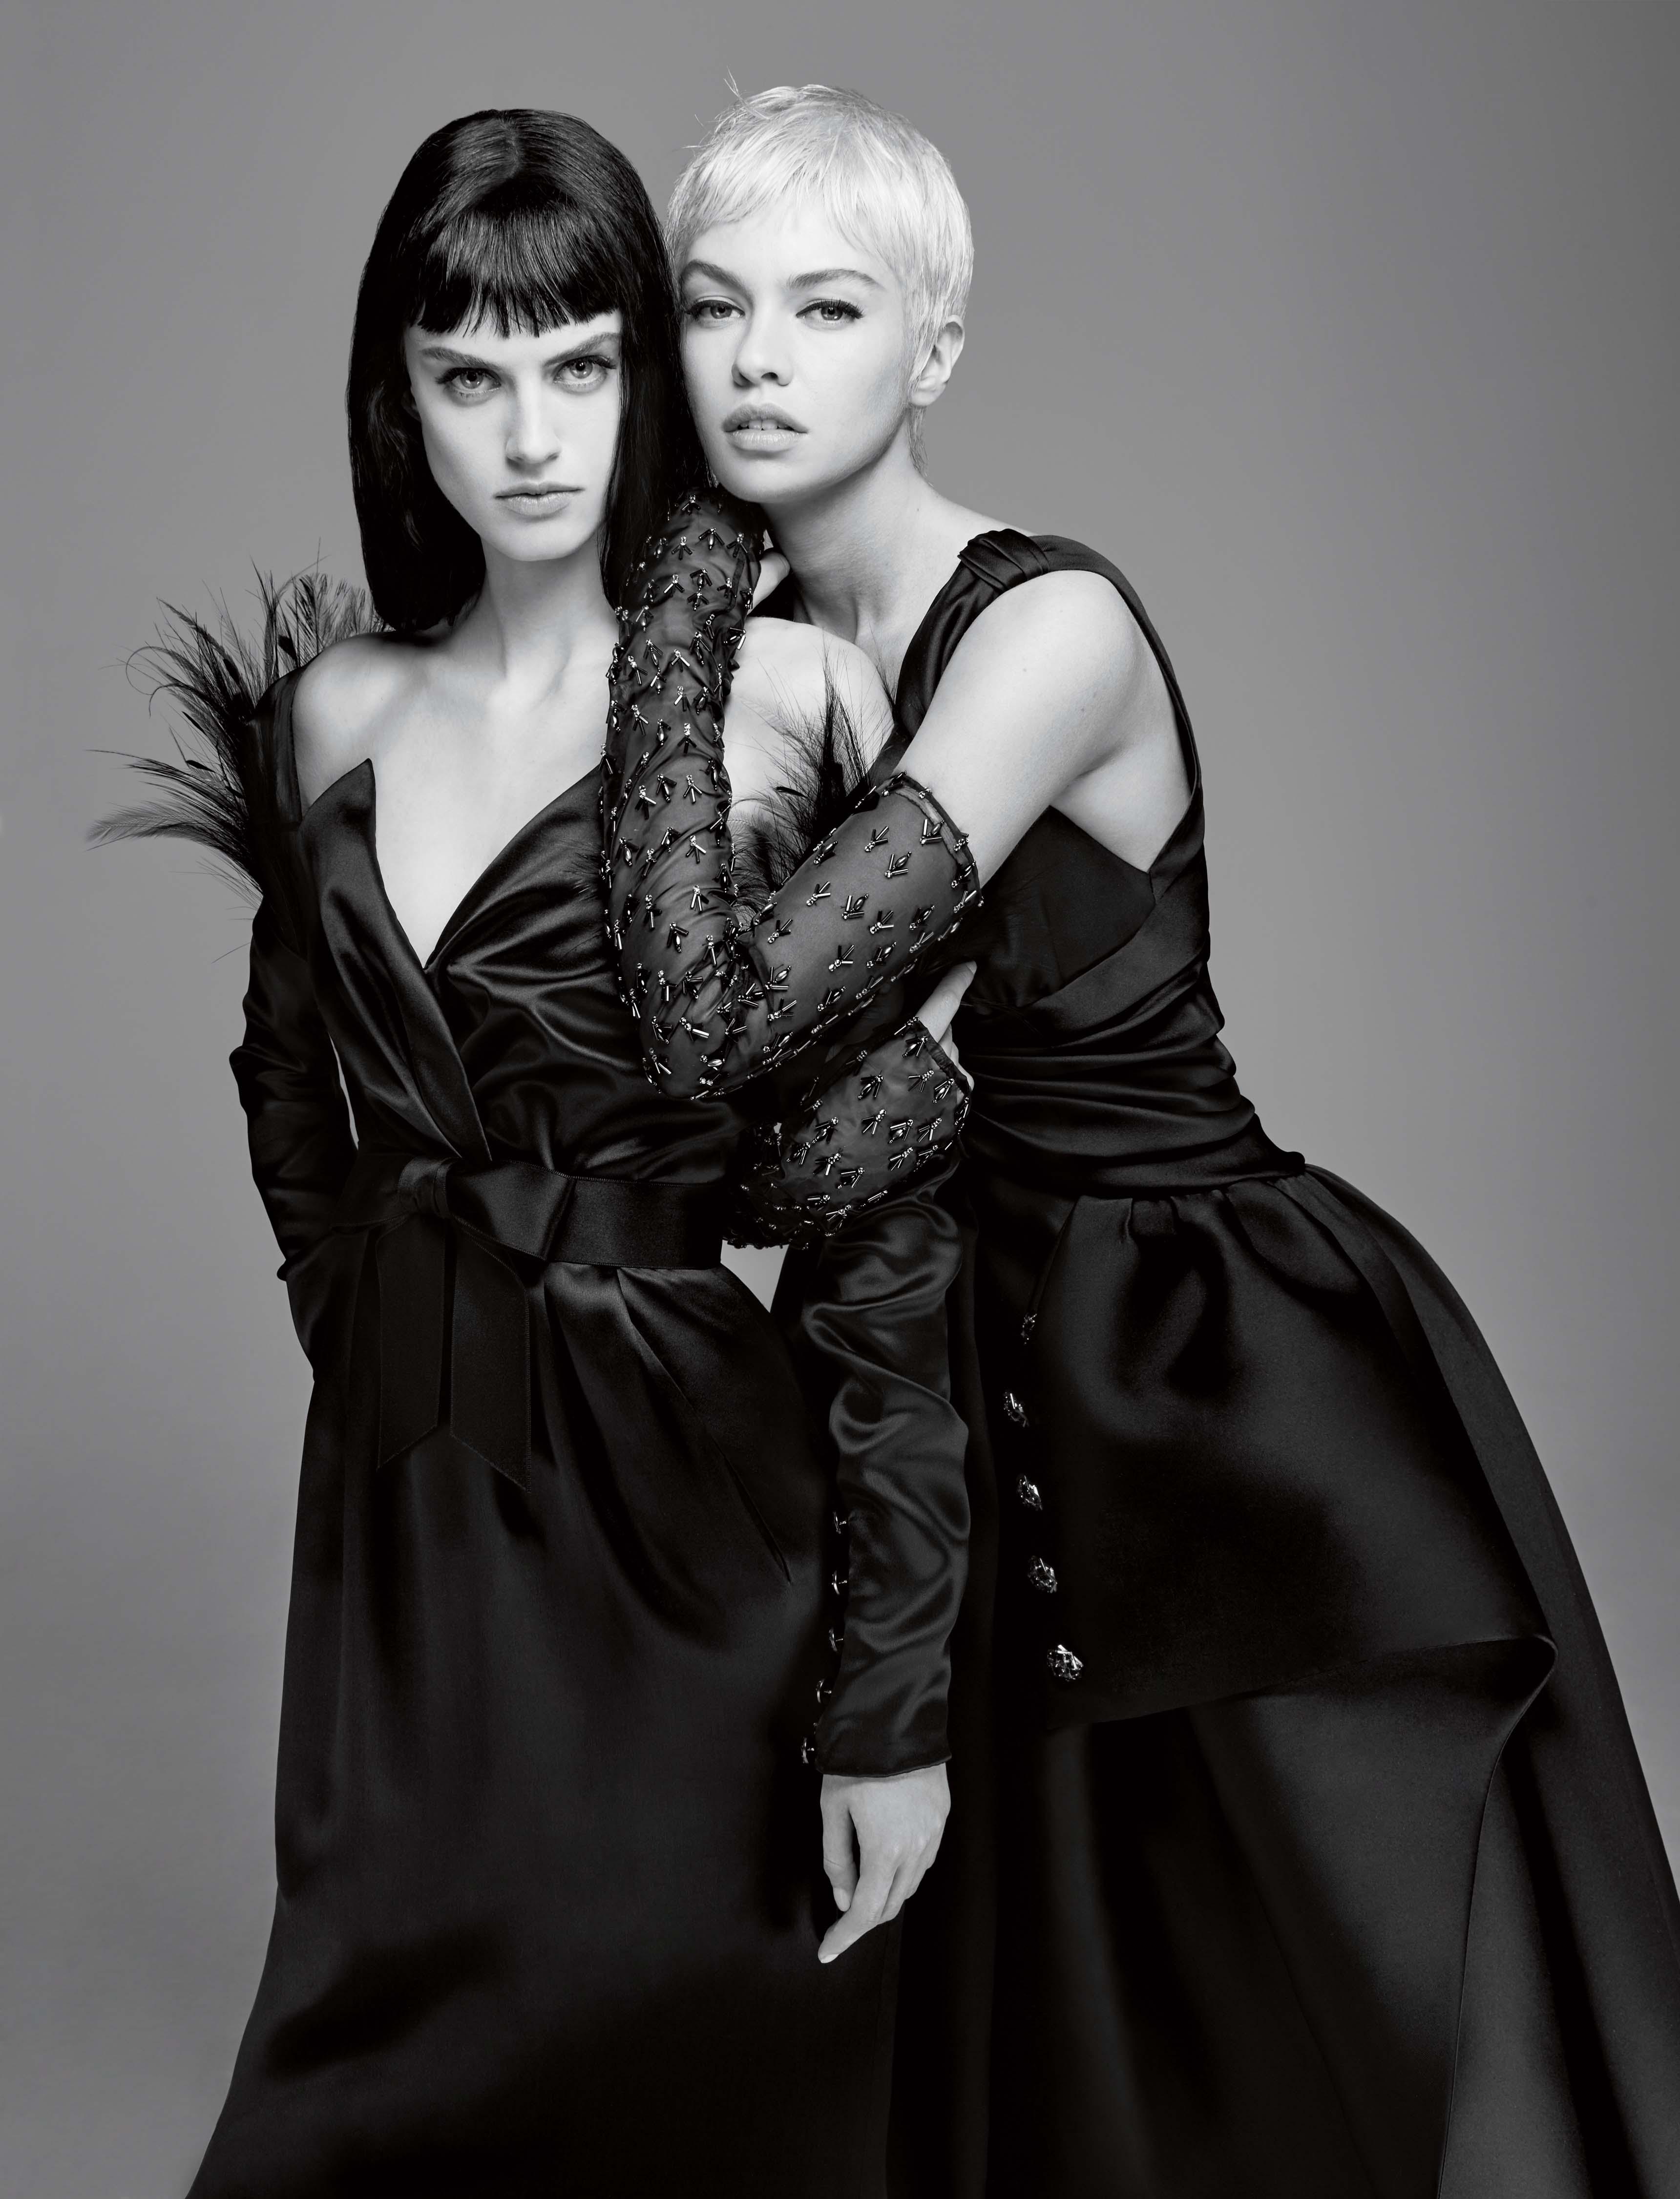 Devant : robe bustier en satin double face à épaulettes brodées de plumes, CHANEL HAUTE COUTURE. Derrière : robe longue en satin double face et mitaines strassées, CHANEL HAUTE COUTURE.